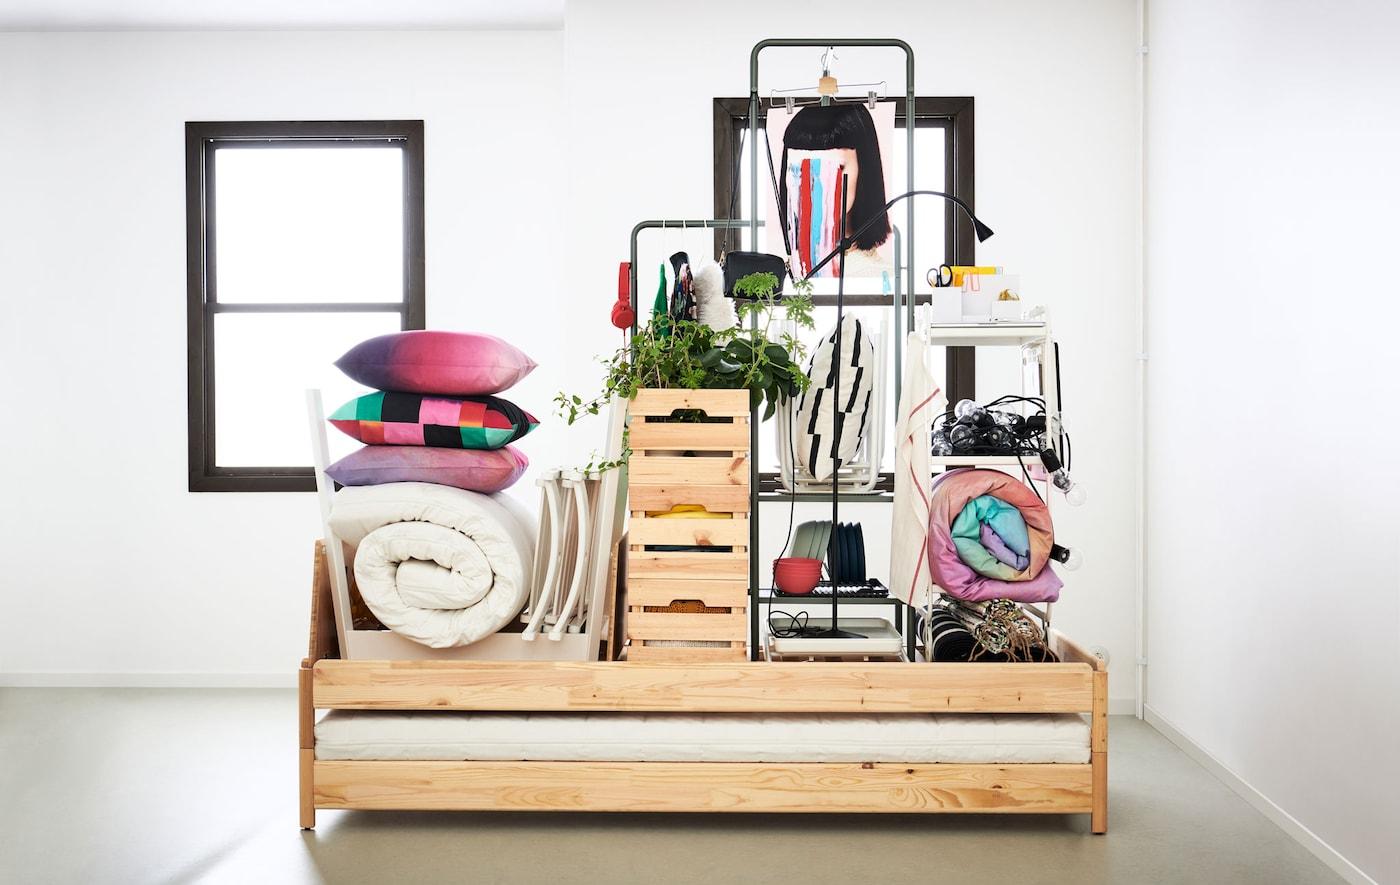 Enterijer sobe ili stana, s golim zidovima. Krevet na sredini prostorije, sa svim nameštajem i osnovnim elementima za mali dom.